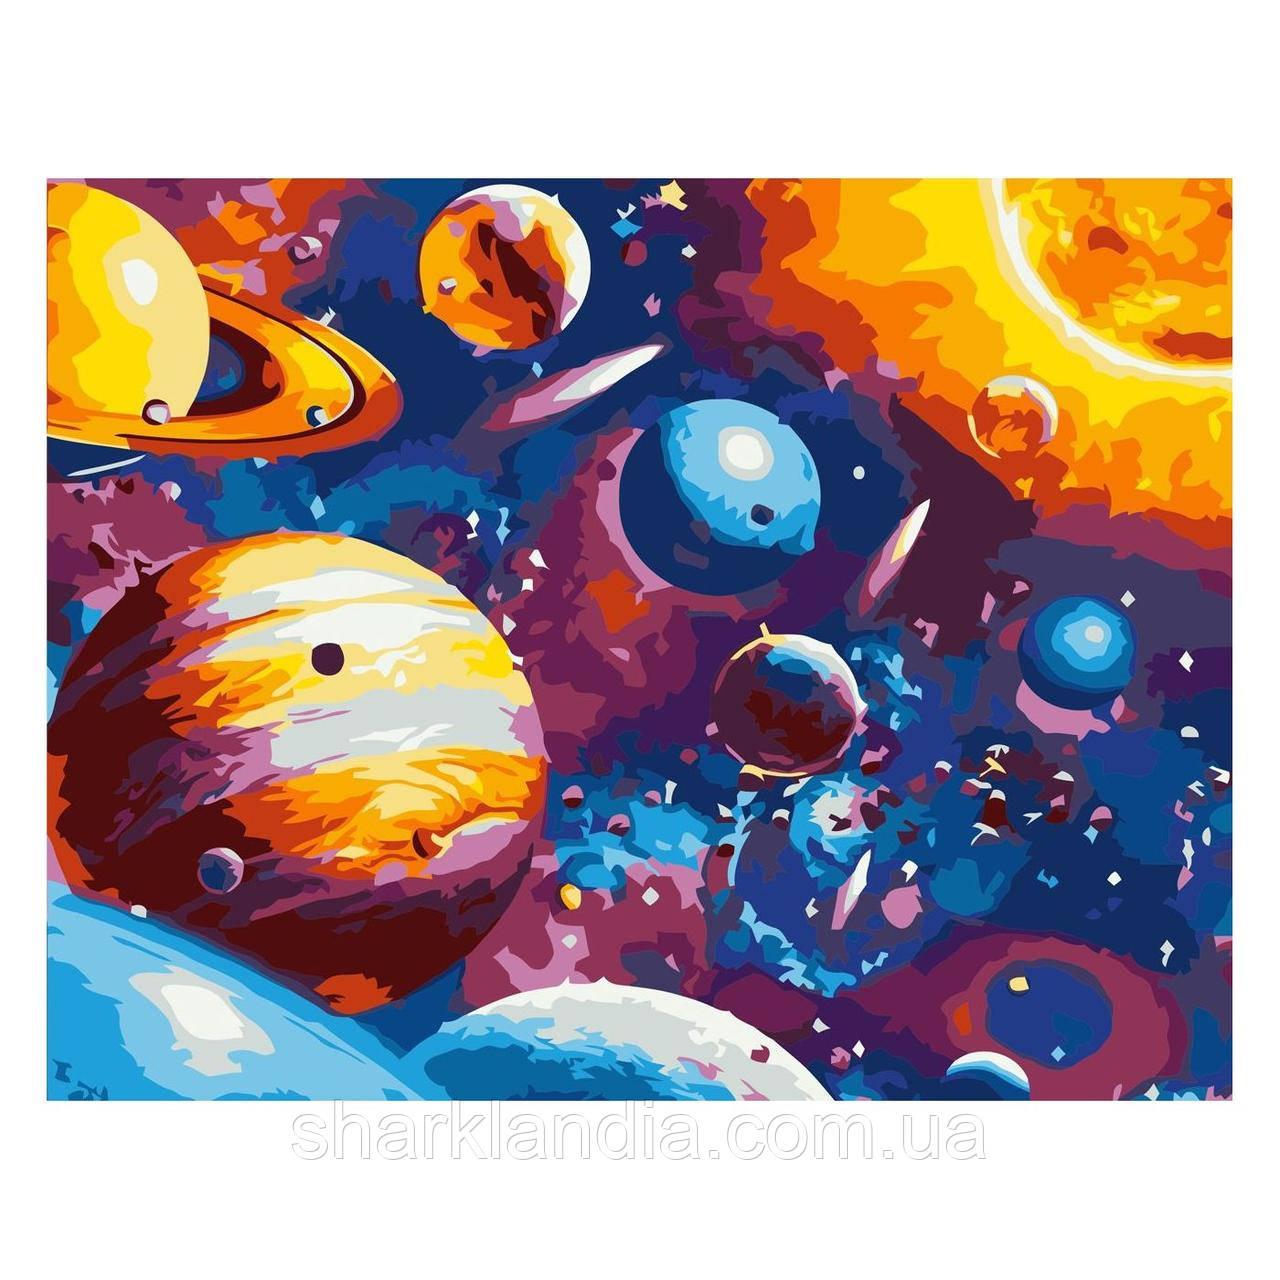 Картина по номерам Живописный космос 30х40 см Strateg Раскраски Космос Для начинающих